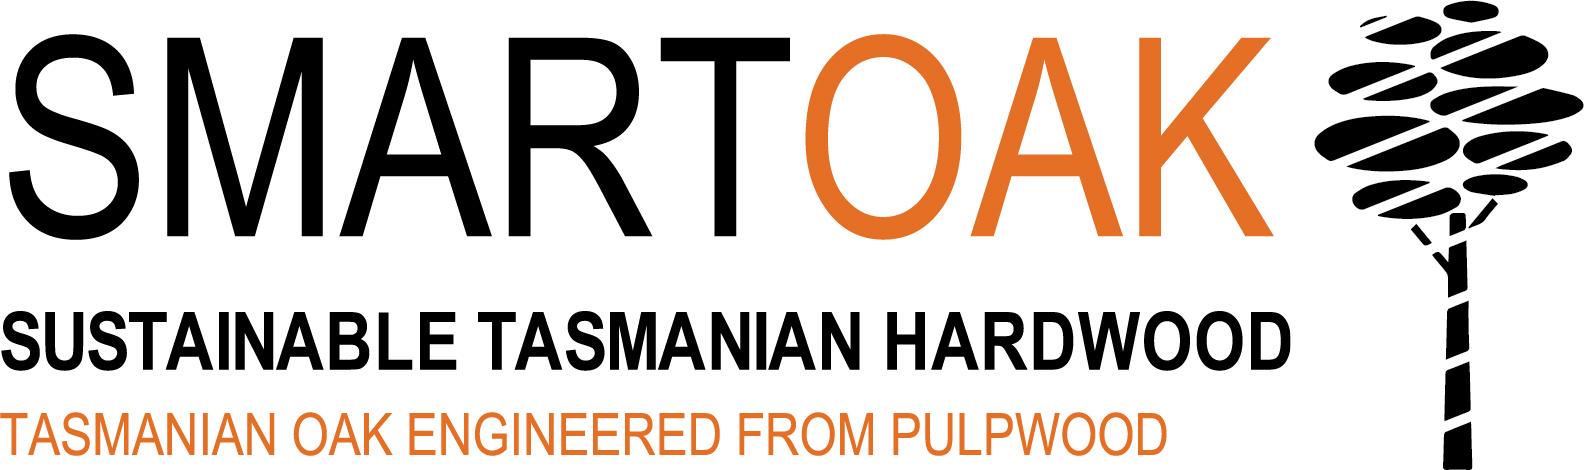 smartoak logo